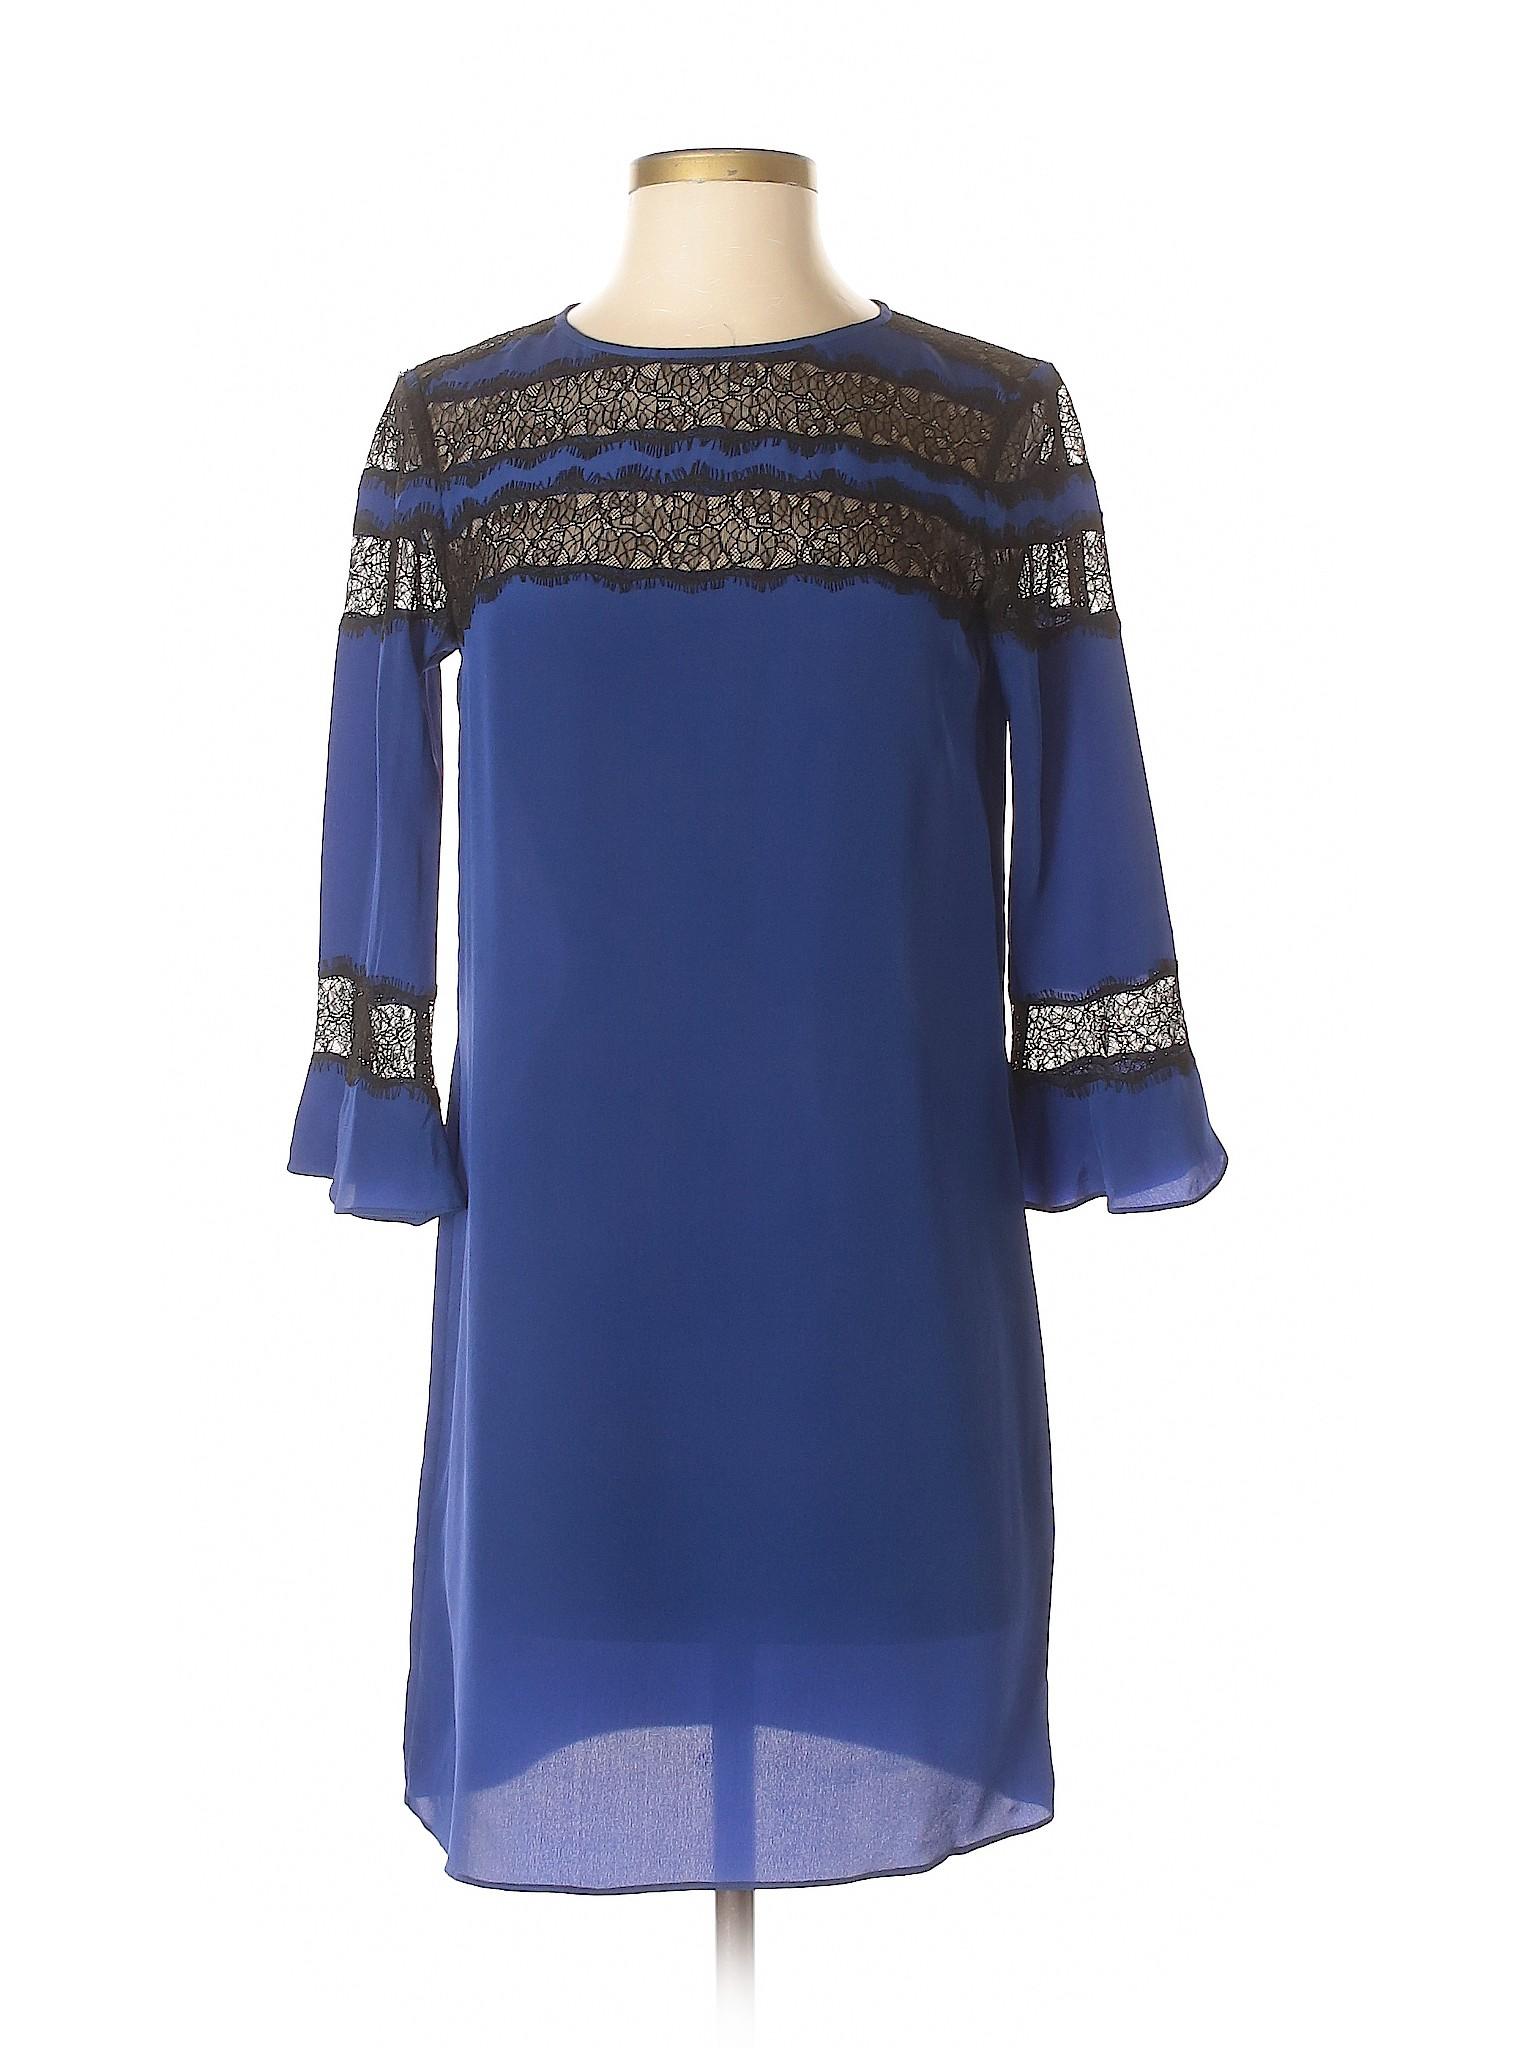 winter Casual Rebecca Dress Boutique Taylor dwS6Xdq